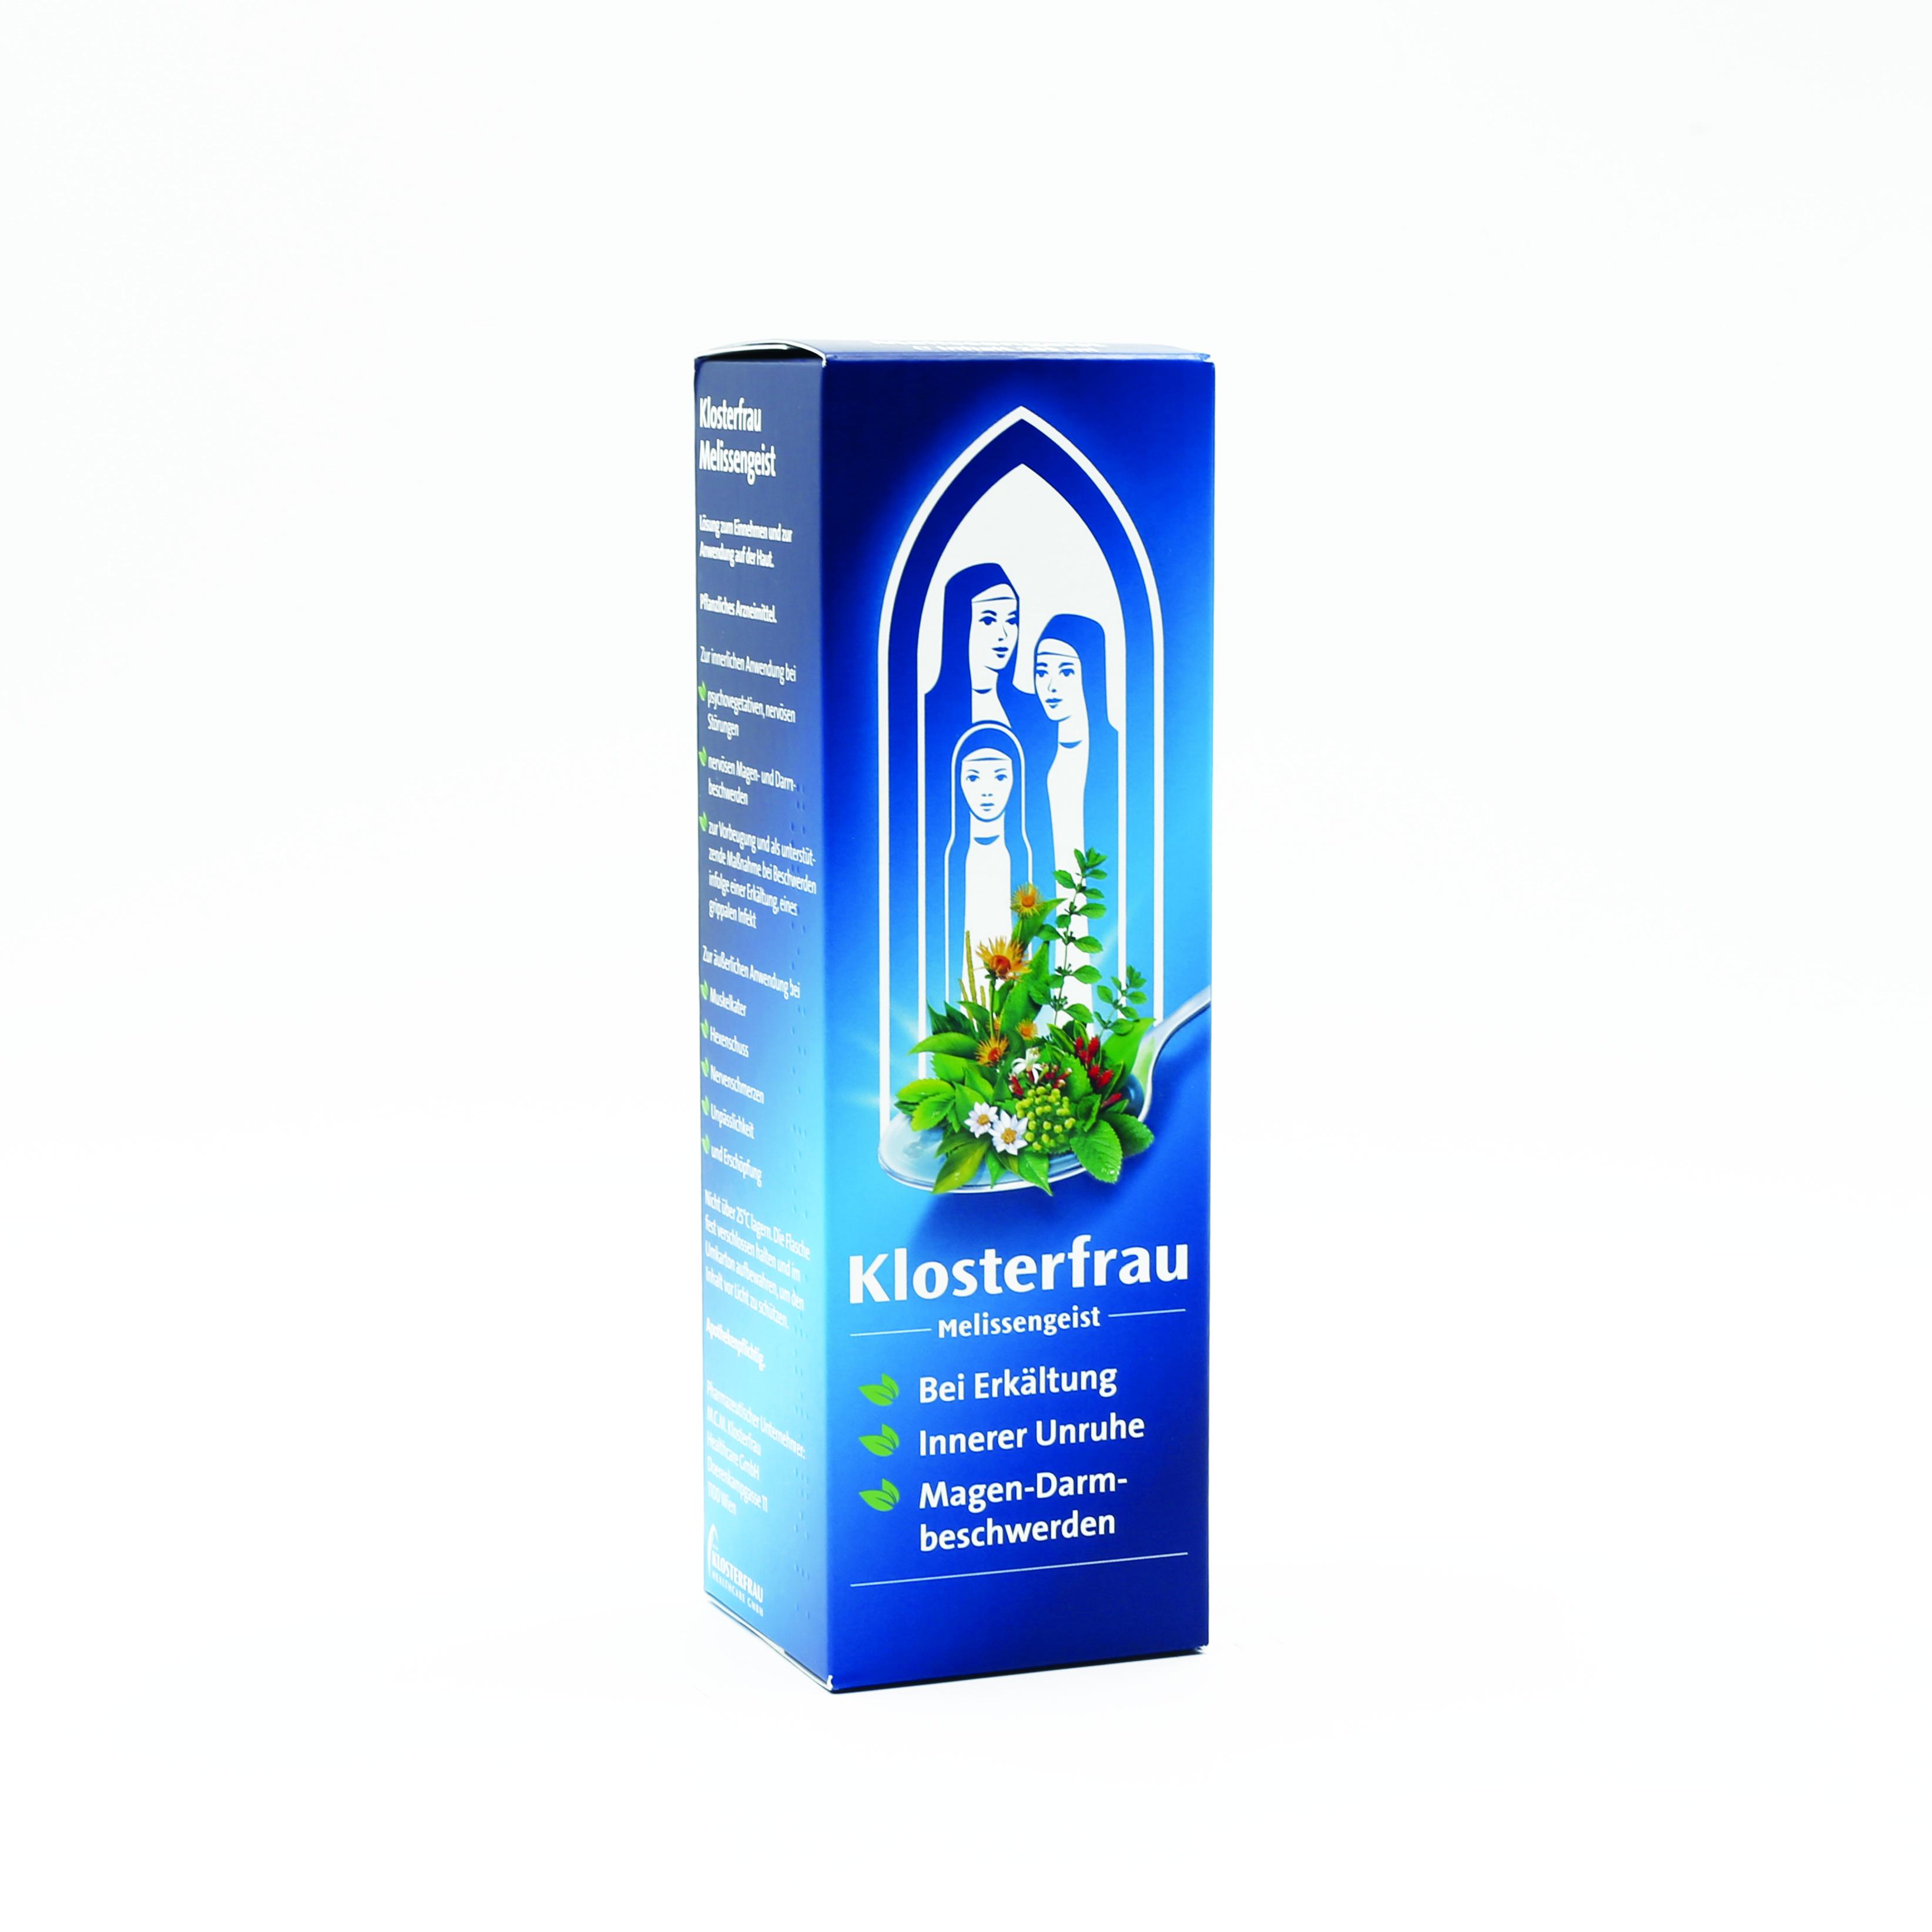 Klosterfrau Melissengeist - Flüssigkeit zum Einnehmen und zur Anwendung auf der Haut